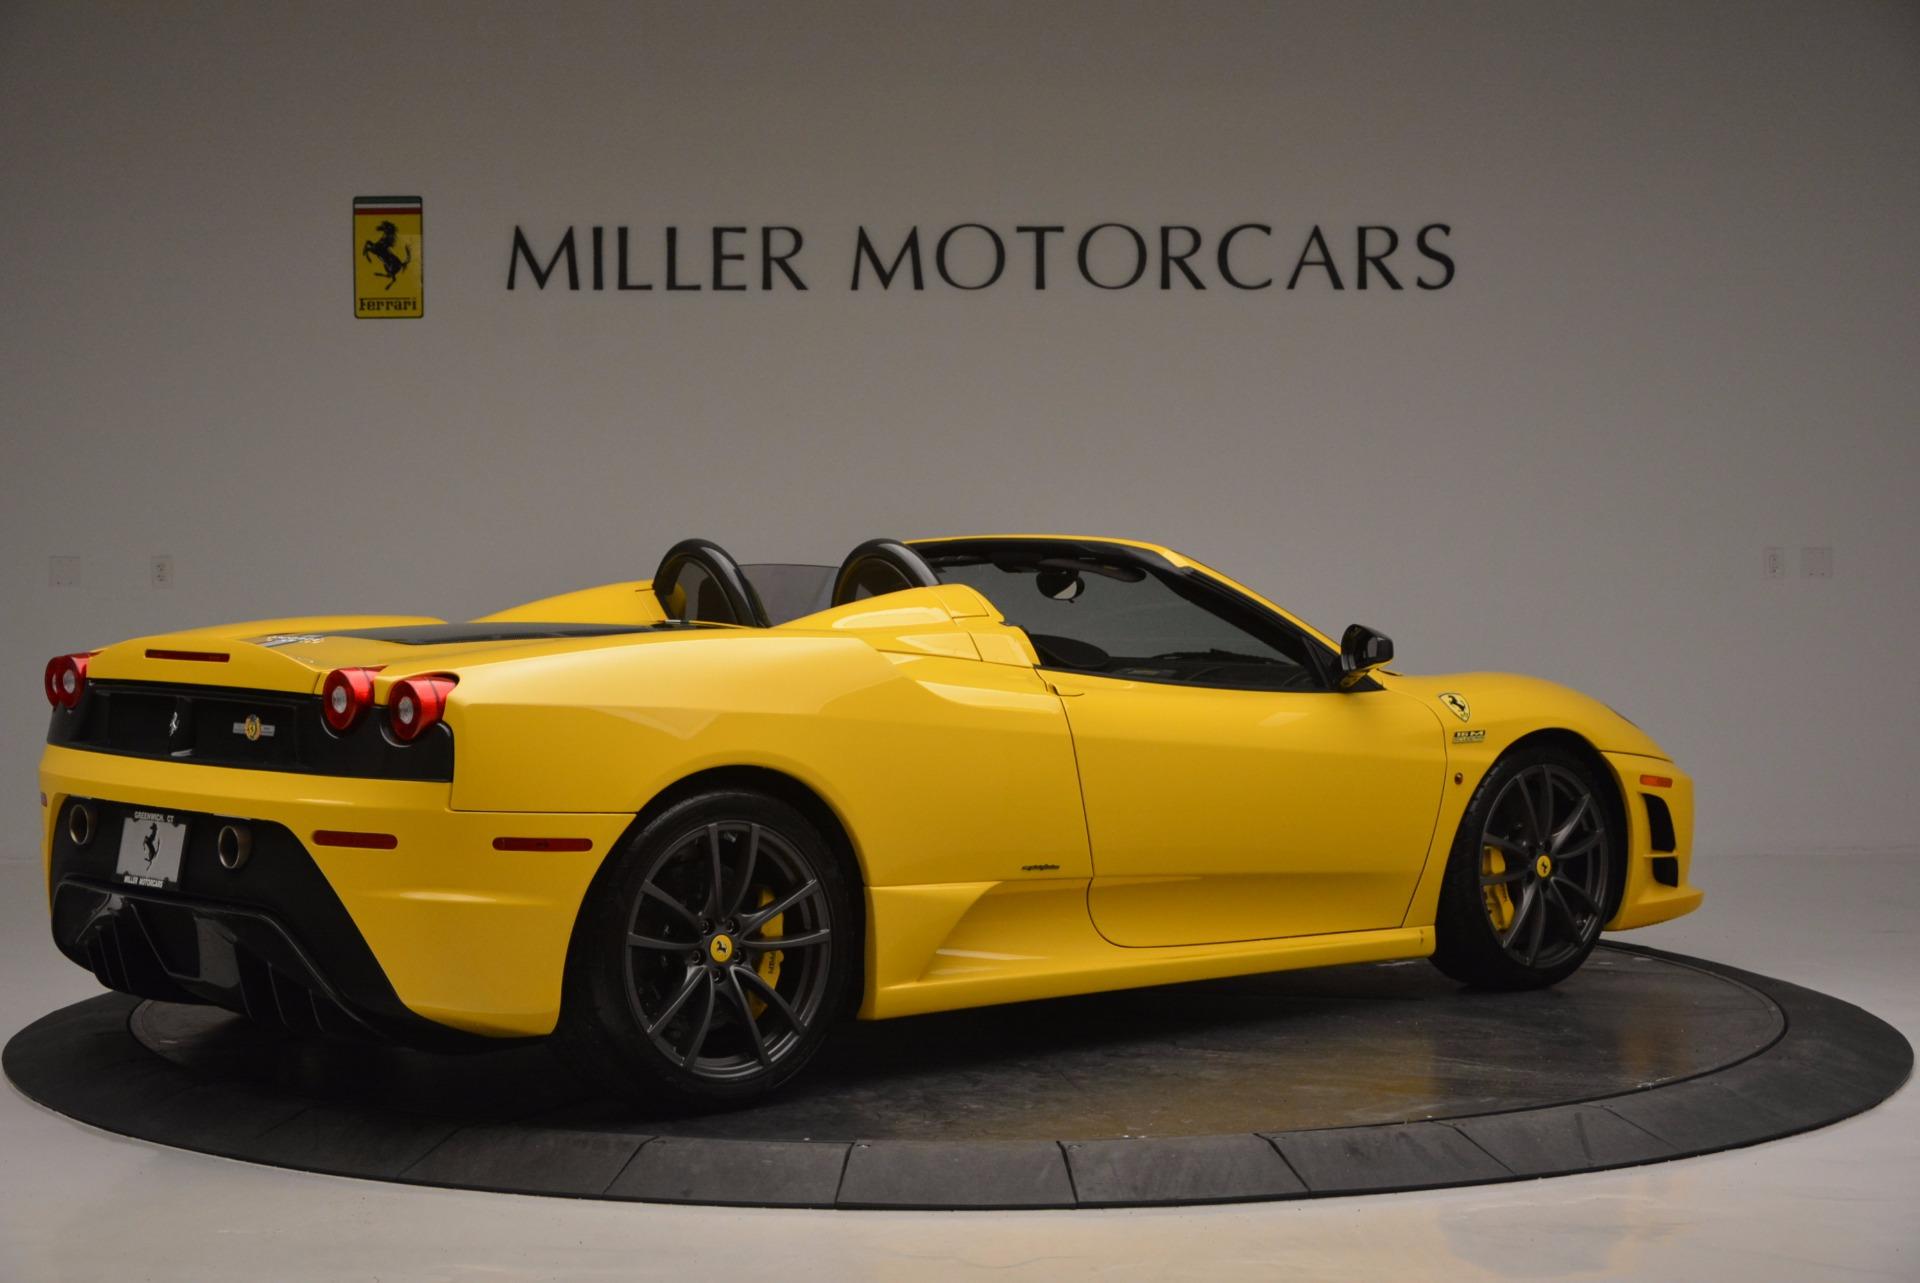 Used 2009 Ferrari F430 Scuderia 16M For Sale In Greenwich, CT. Alfa Romeo of Greenwich, 4369 856_p8